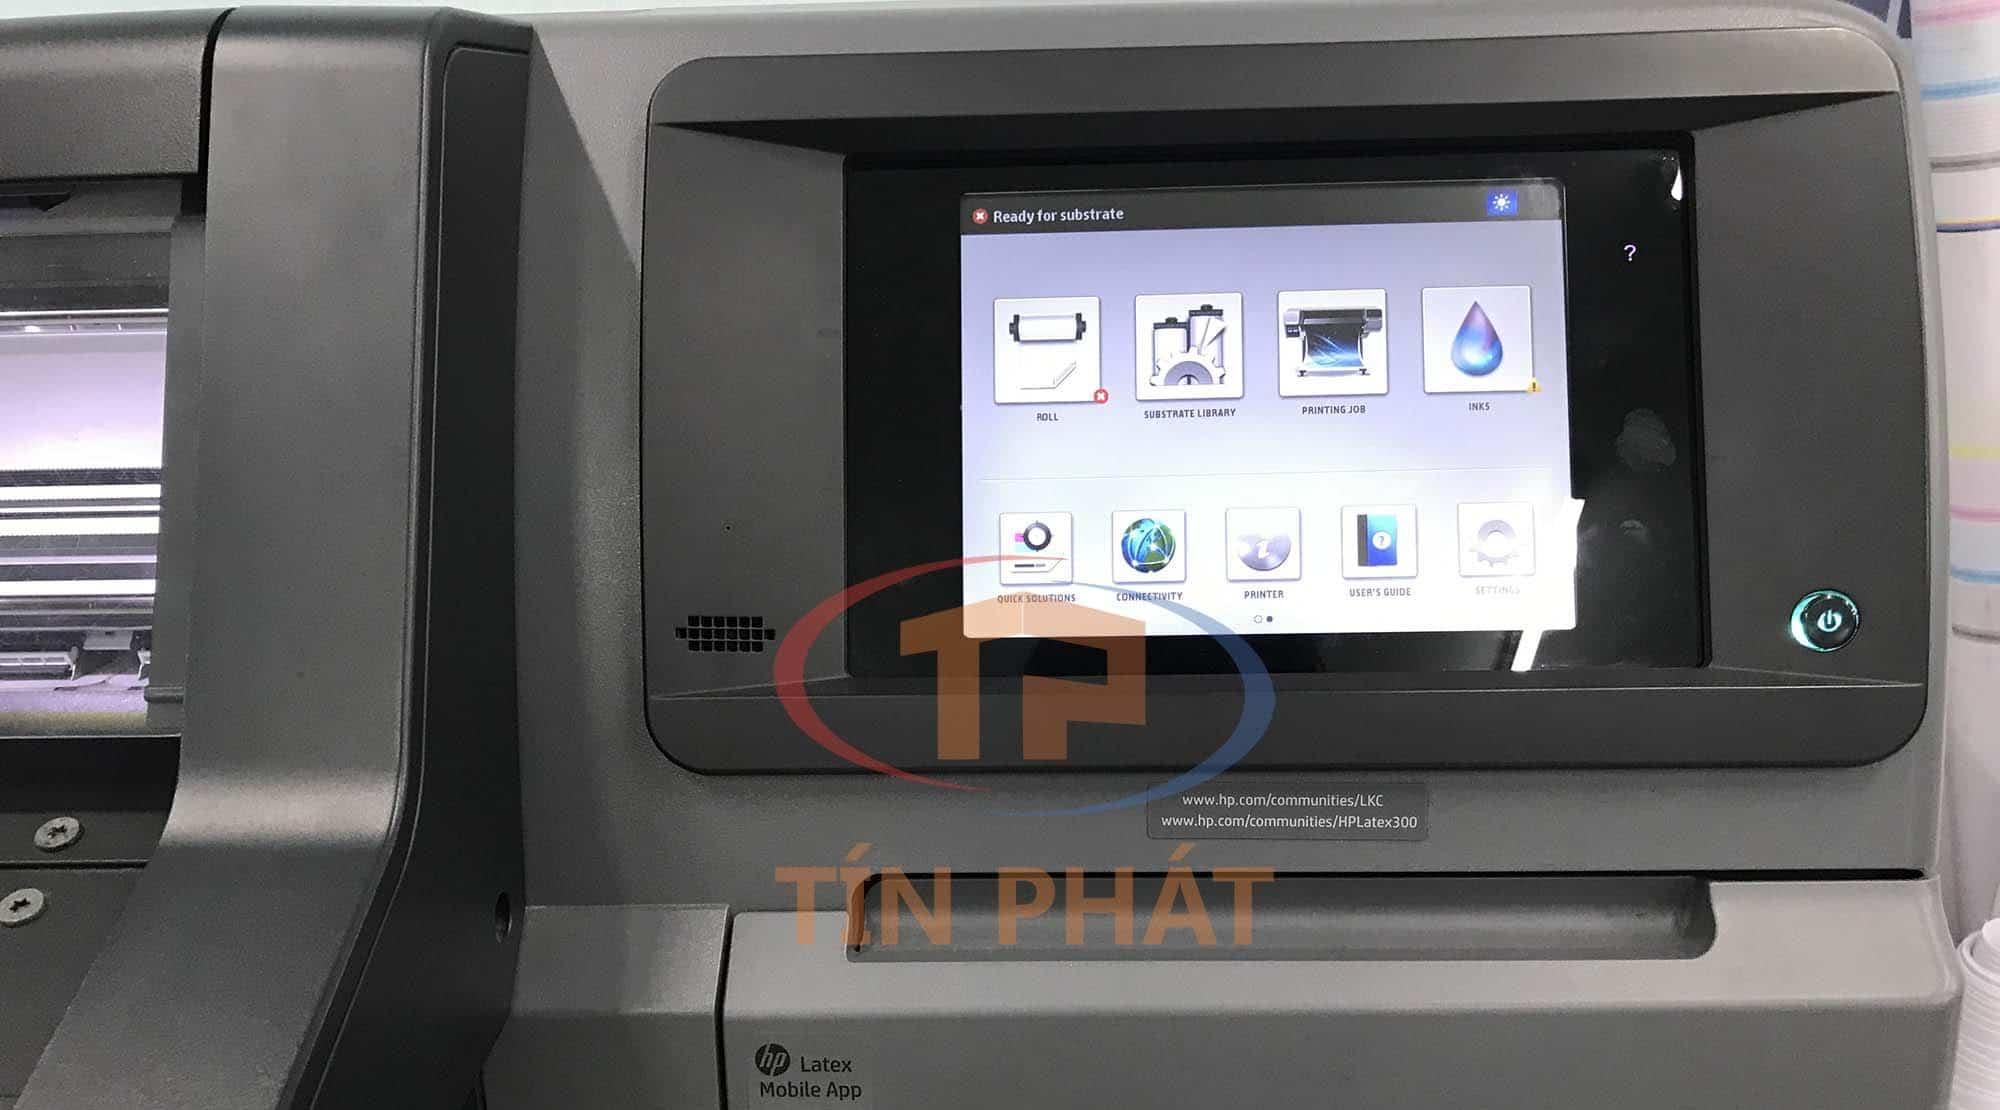 Máy in HP Latex đầu tiên tại Việt Nam sau 2 năm: màn hình chính